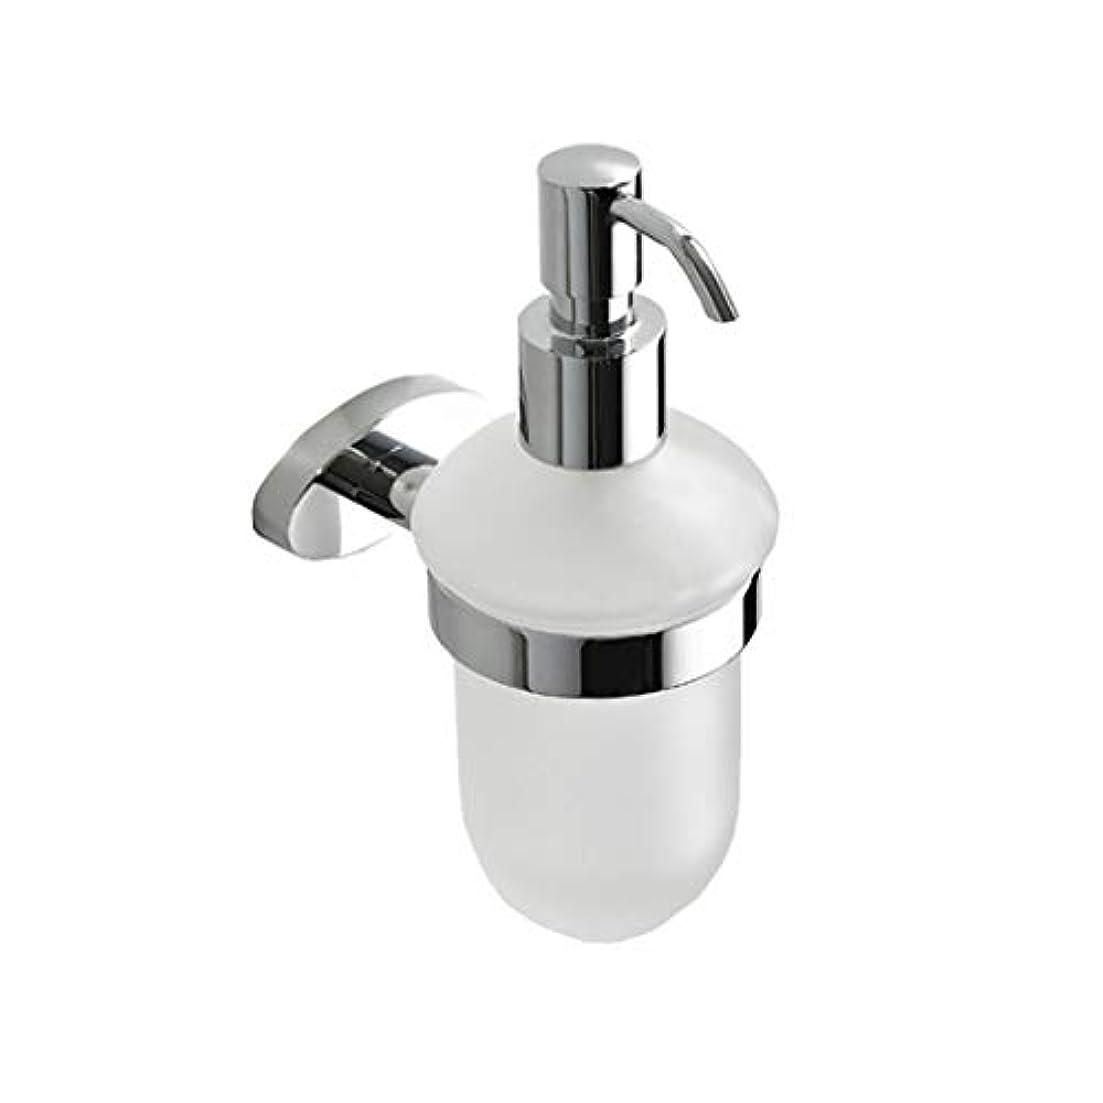 与える連想ニンニクKylinssh エッセンシャルオイル、ローション、液体石鹸に適した壁マウントプラスチック石鹸ディスペンサー、ステンレス鋼ポンプ付きハンドソープディスペンサー、